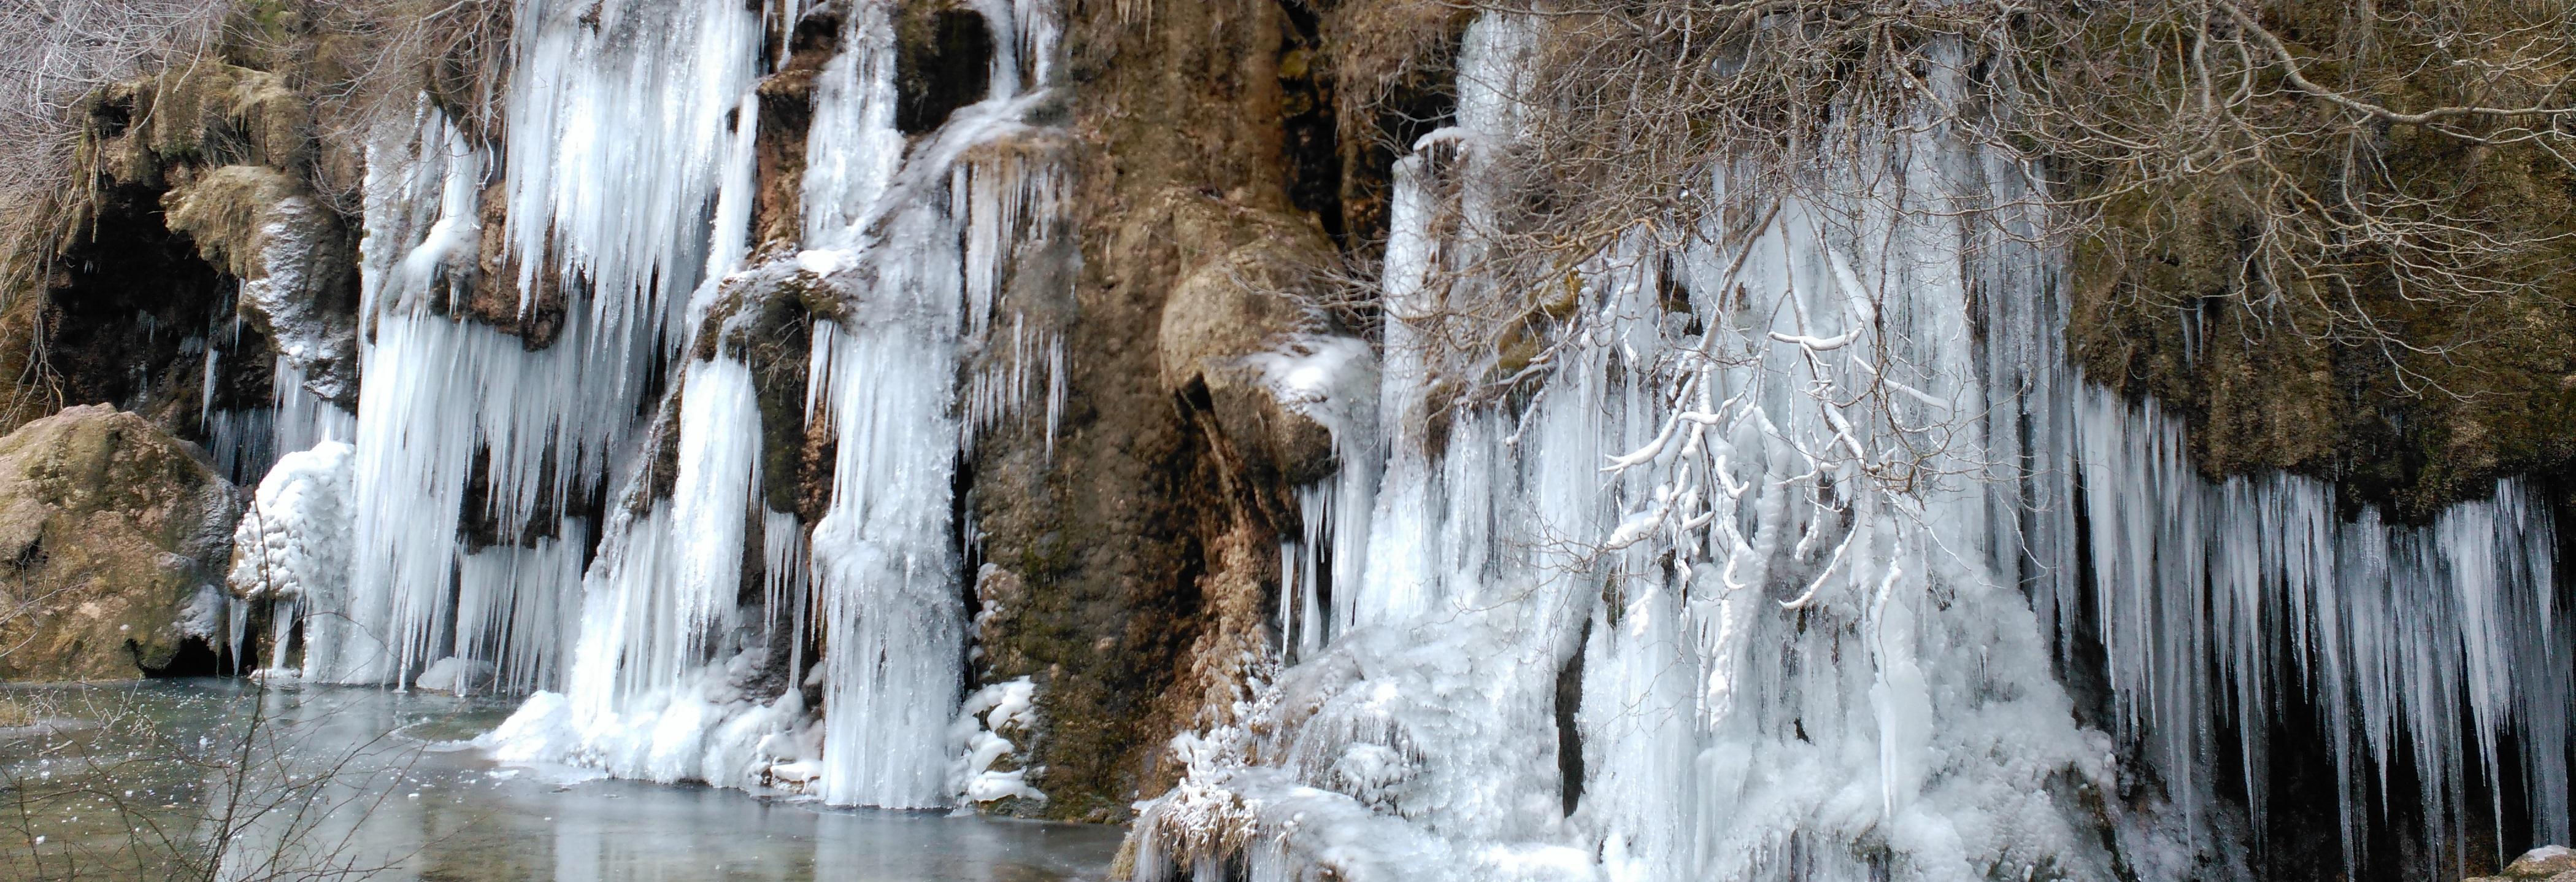 Cascada helada en enero